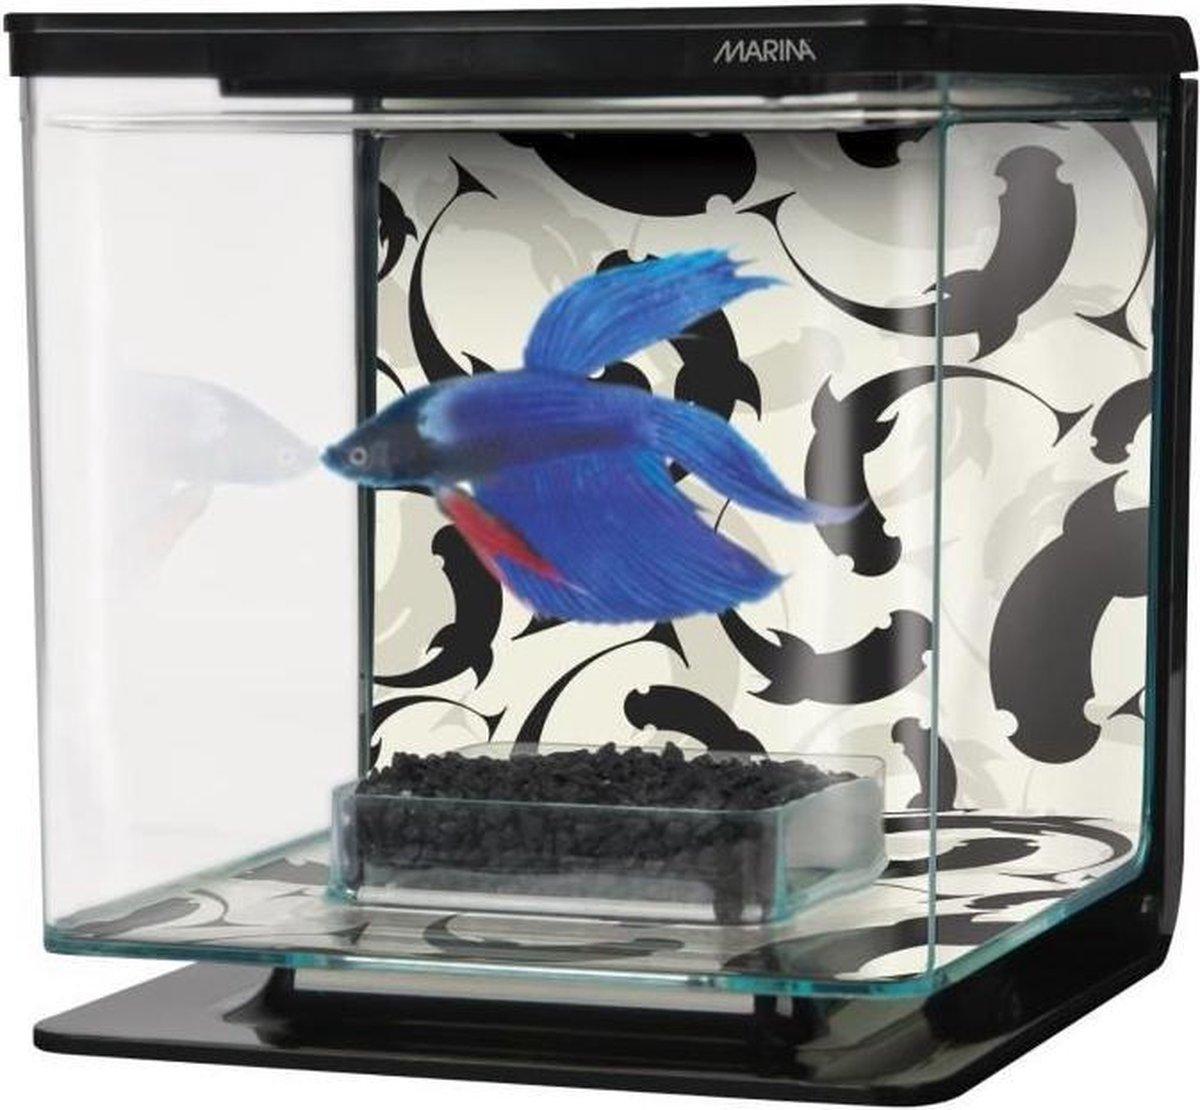 Marina Ying/Yang Betta Aquarium Kit - 15x15x15 cm - 2 L - Marina